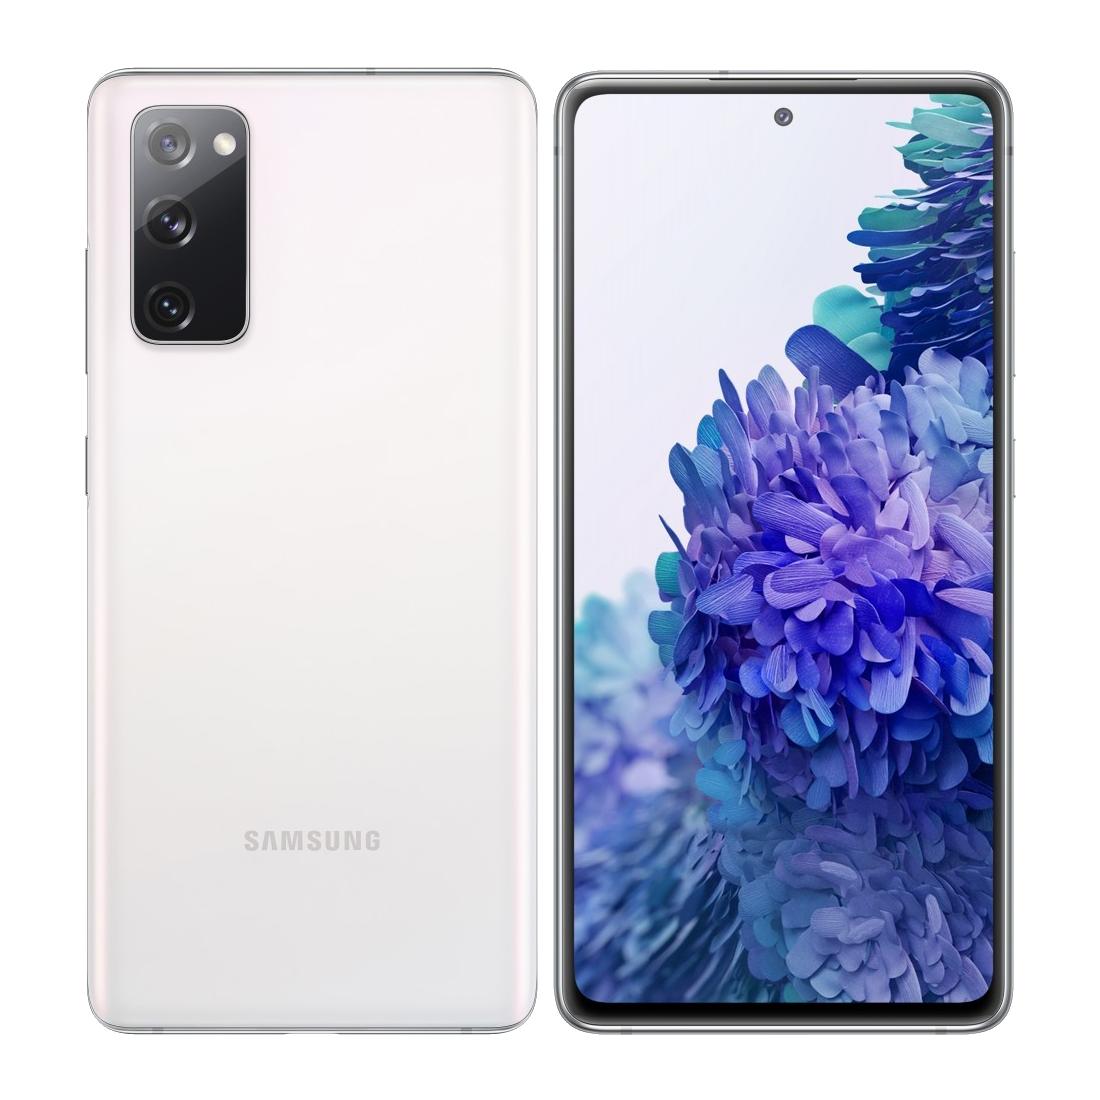 Galaxy S20 FE recebe atualização para Android 11 no Brasil